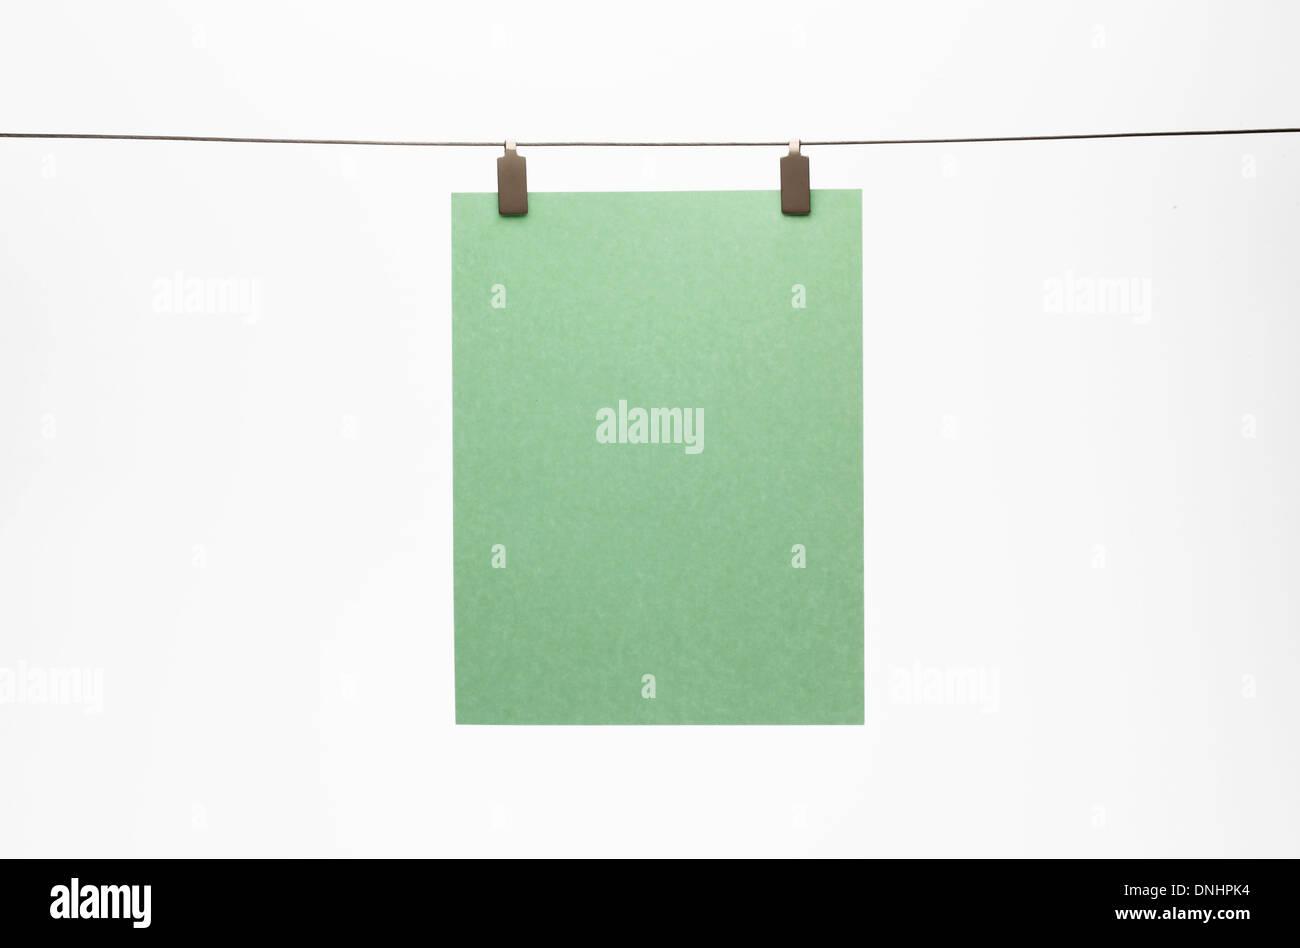 Un morceau de papier vert avec un clip pour accrocher un fil droit. Fond blanc Photo Stock